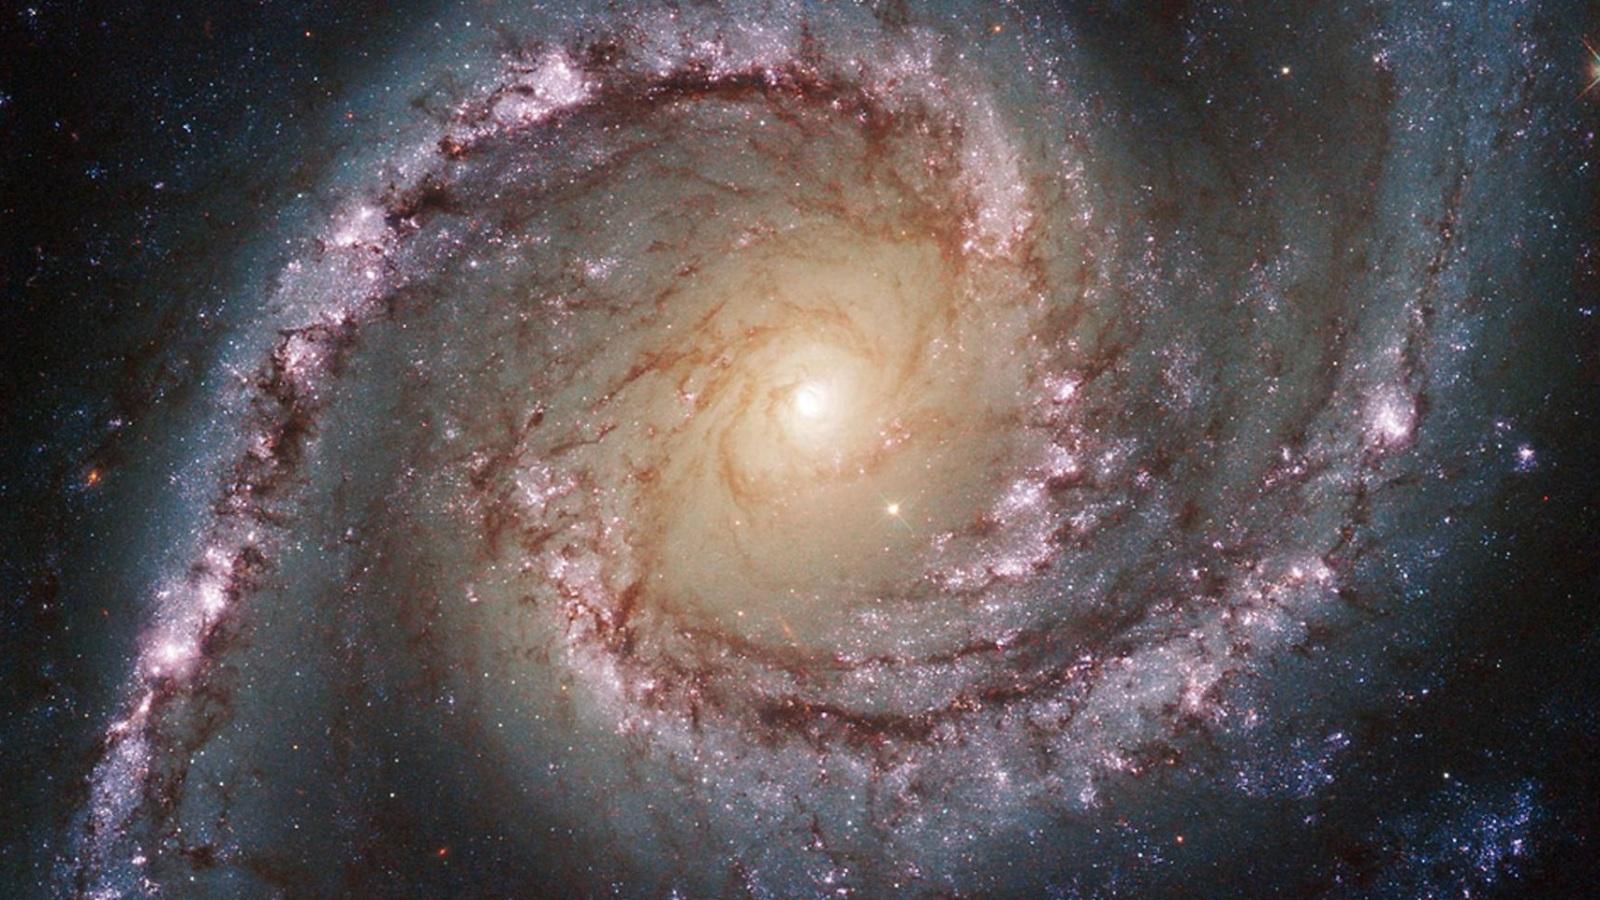 هل يمكن لنا رؤية حاضر الفضاء أم الماضي فقط ؟